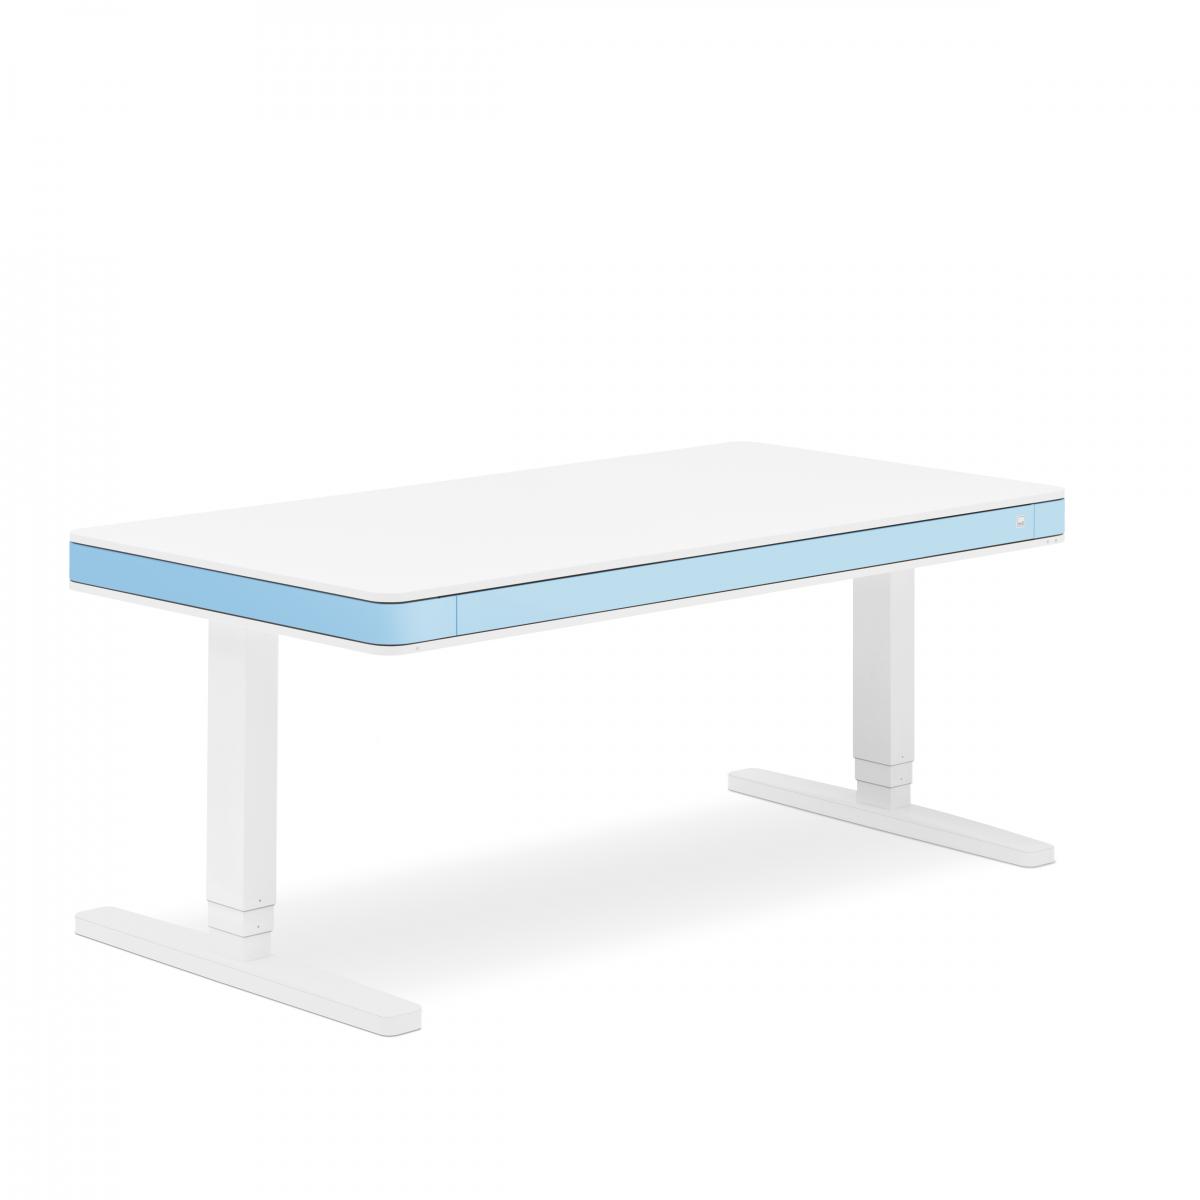 luxusni elektricky stul T7 XL 3 - Delso - dětský, kancelářský a bytový nábytek